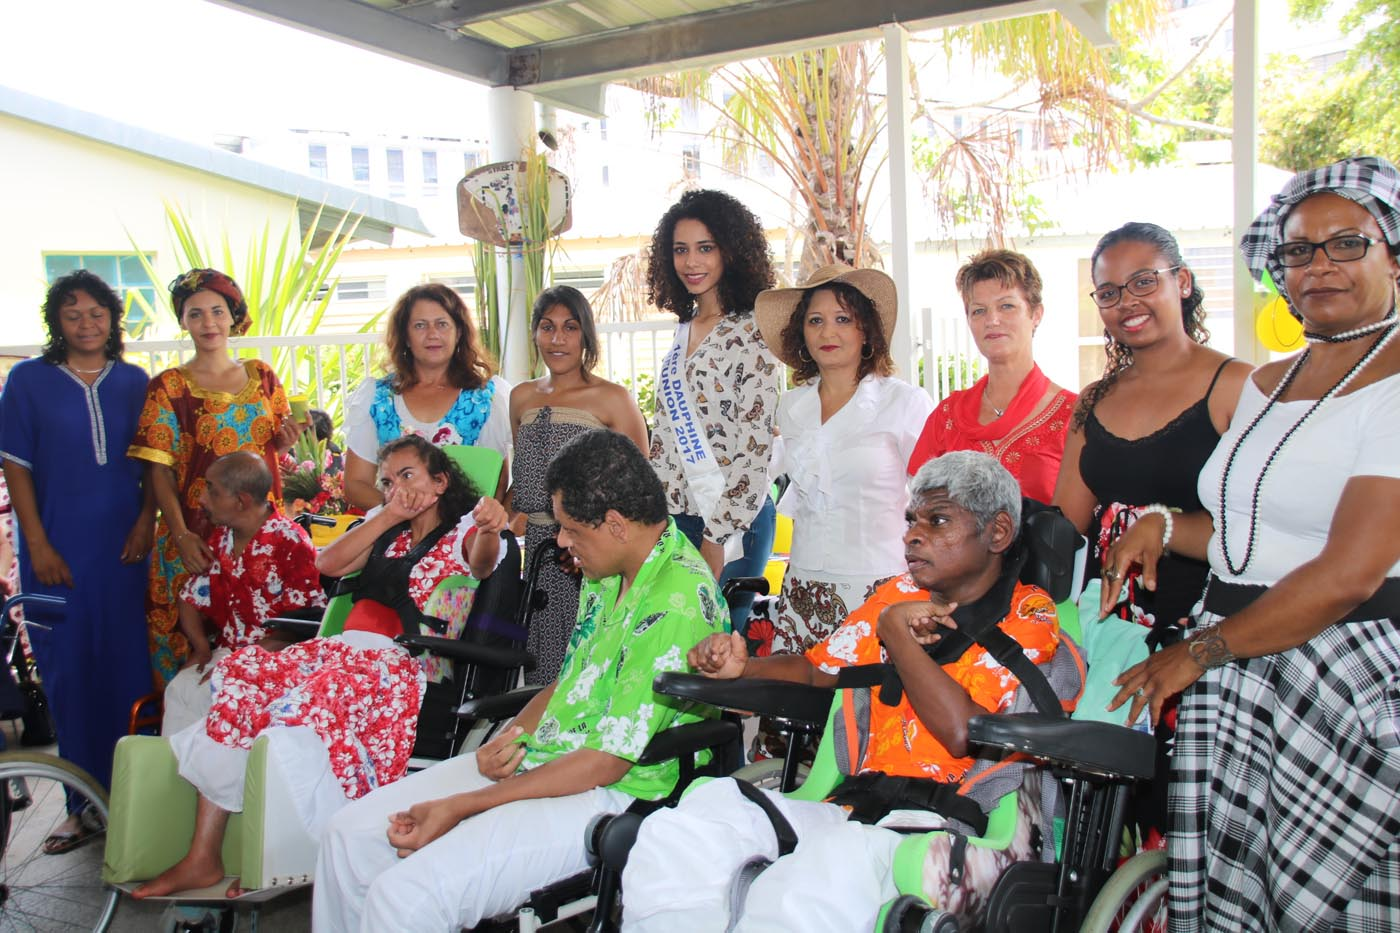 Avec quelques personnes handicapées et le personnel soignant